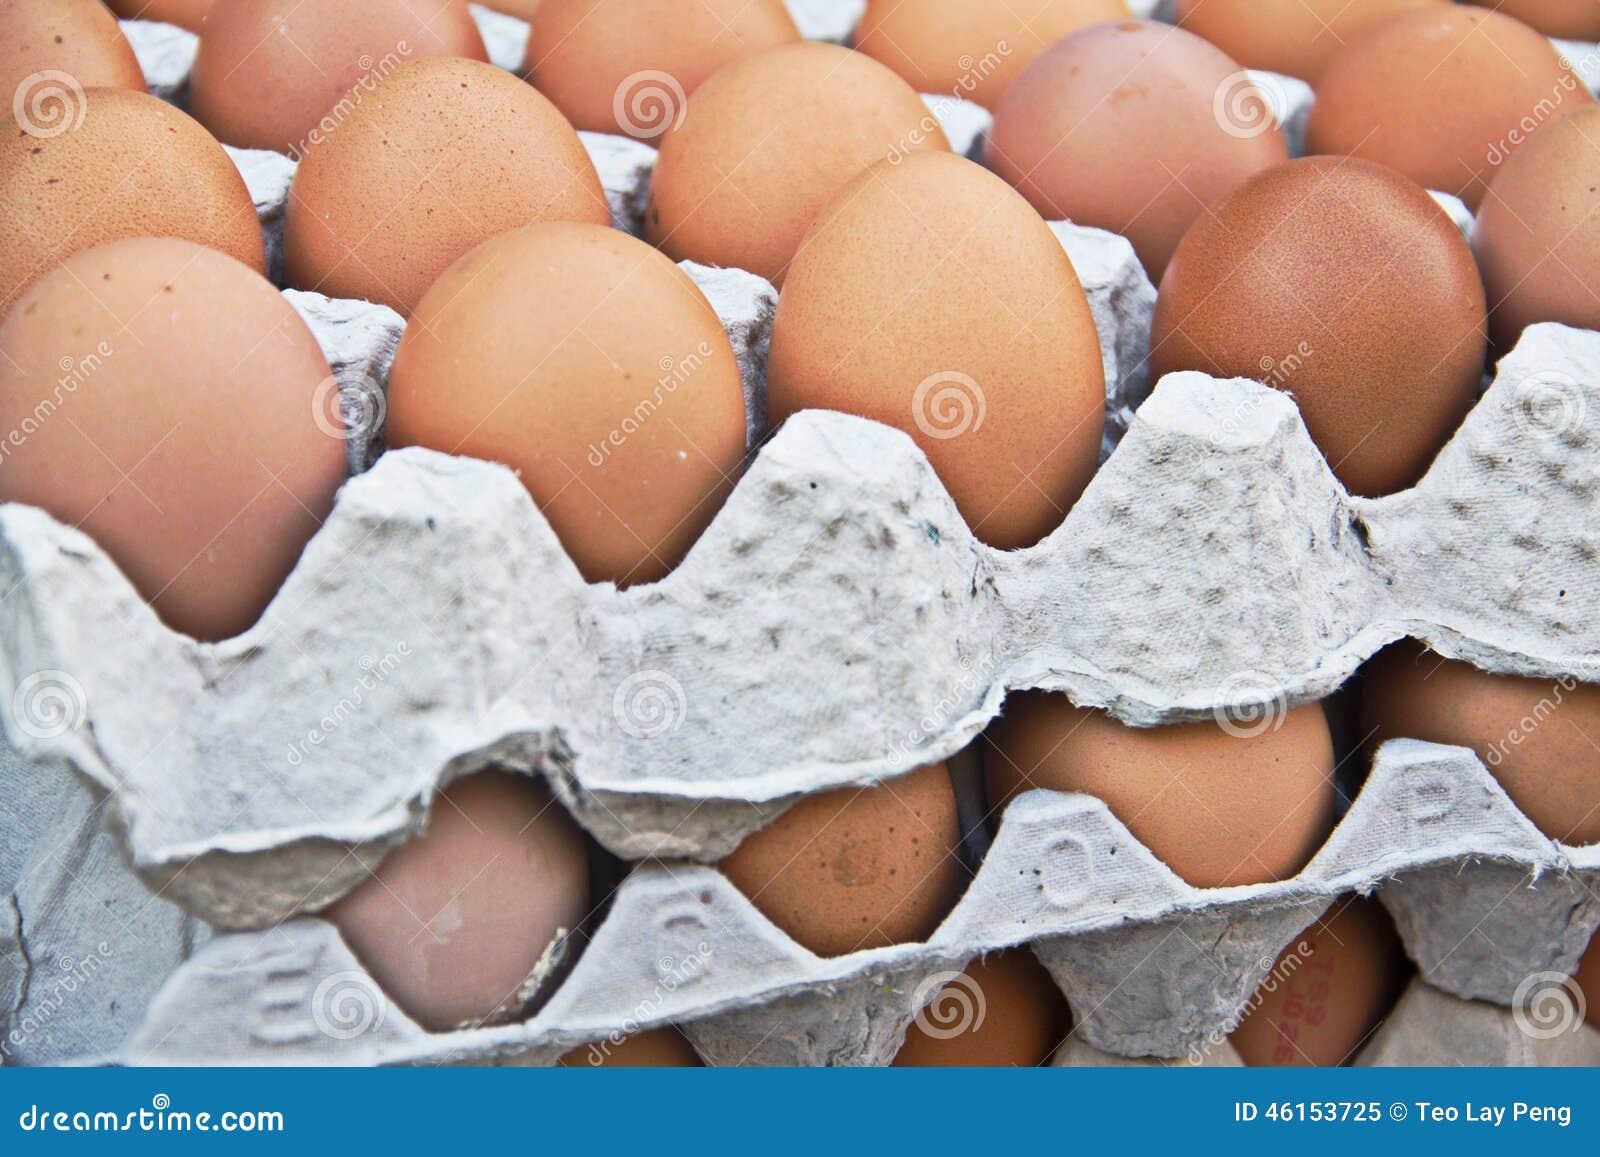 Яички в руке девушки, Русская красотка сжимает в руках мужские яйца и дает 21 фотография